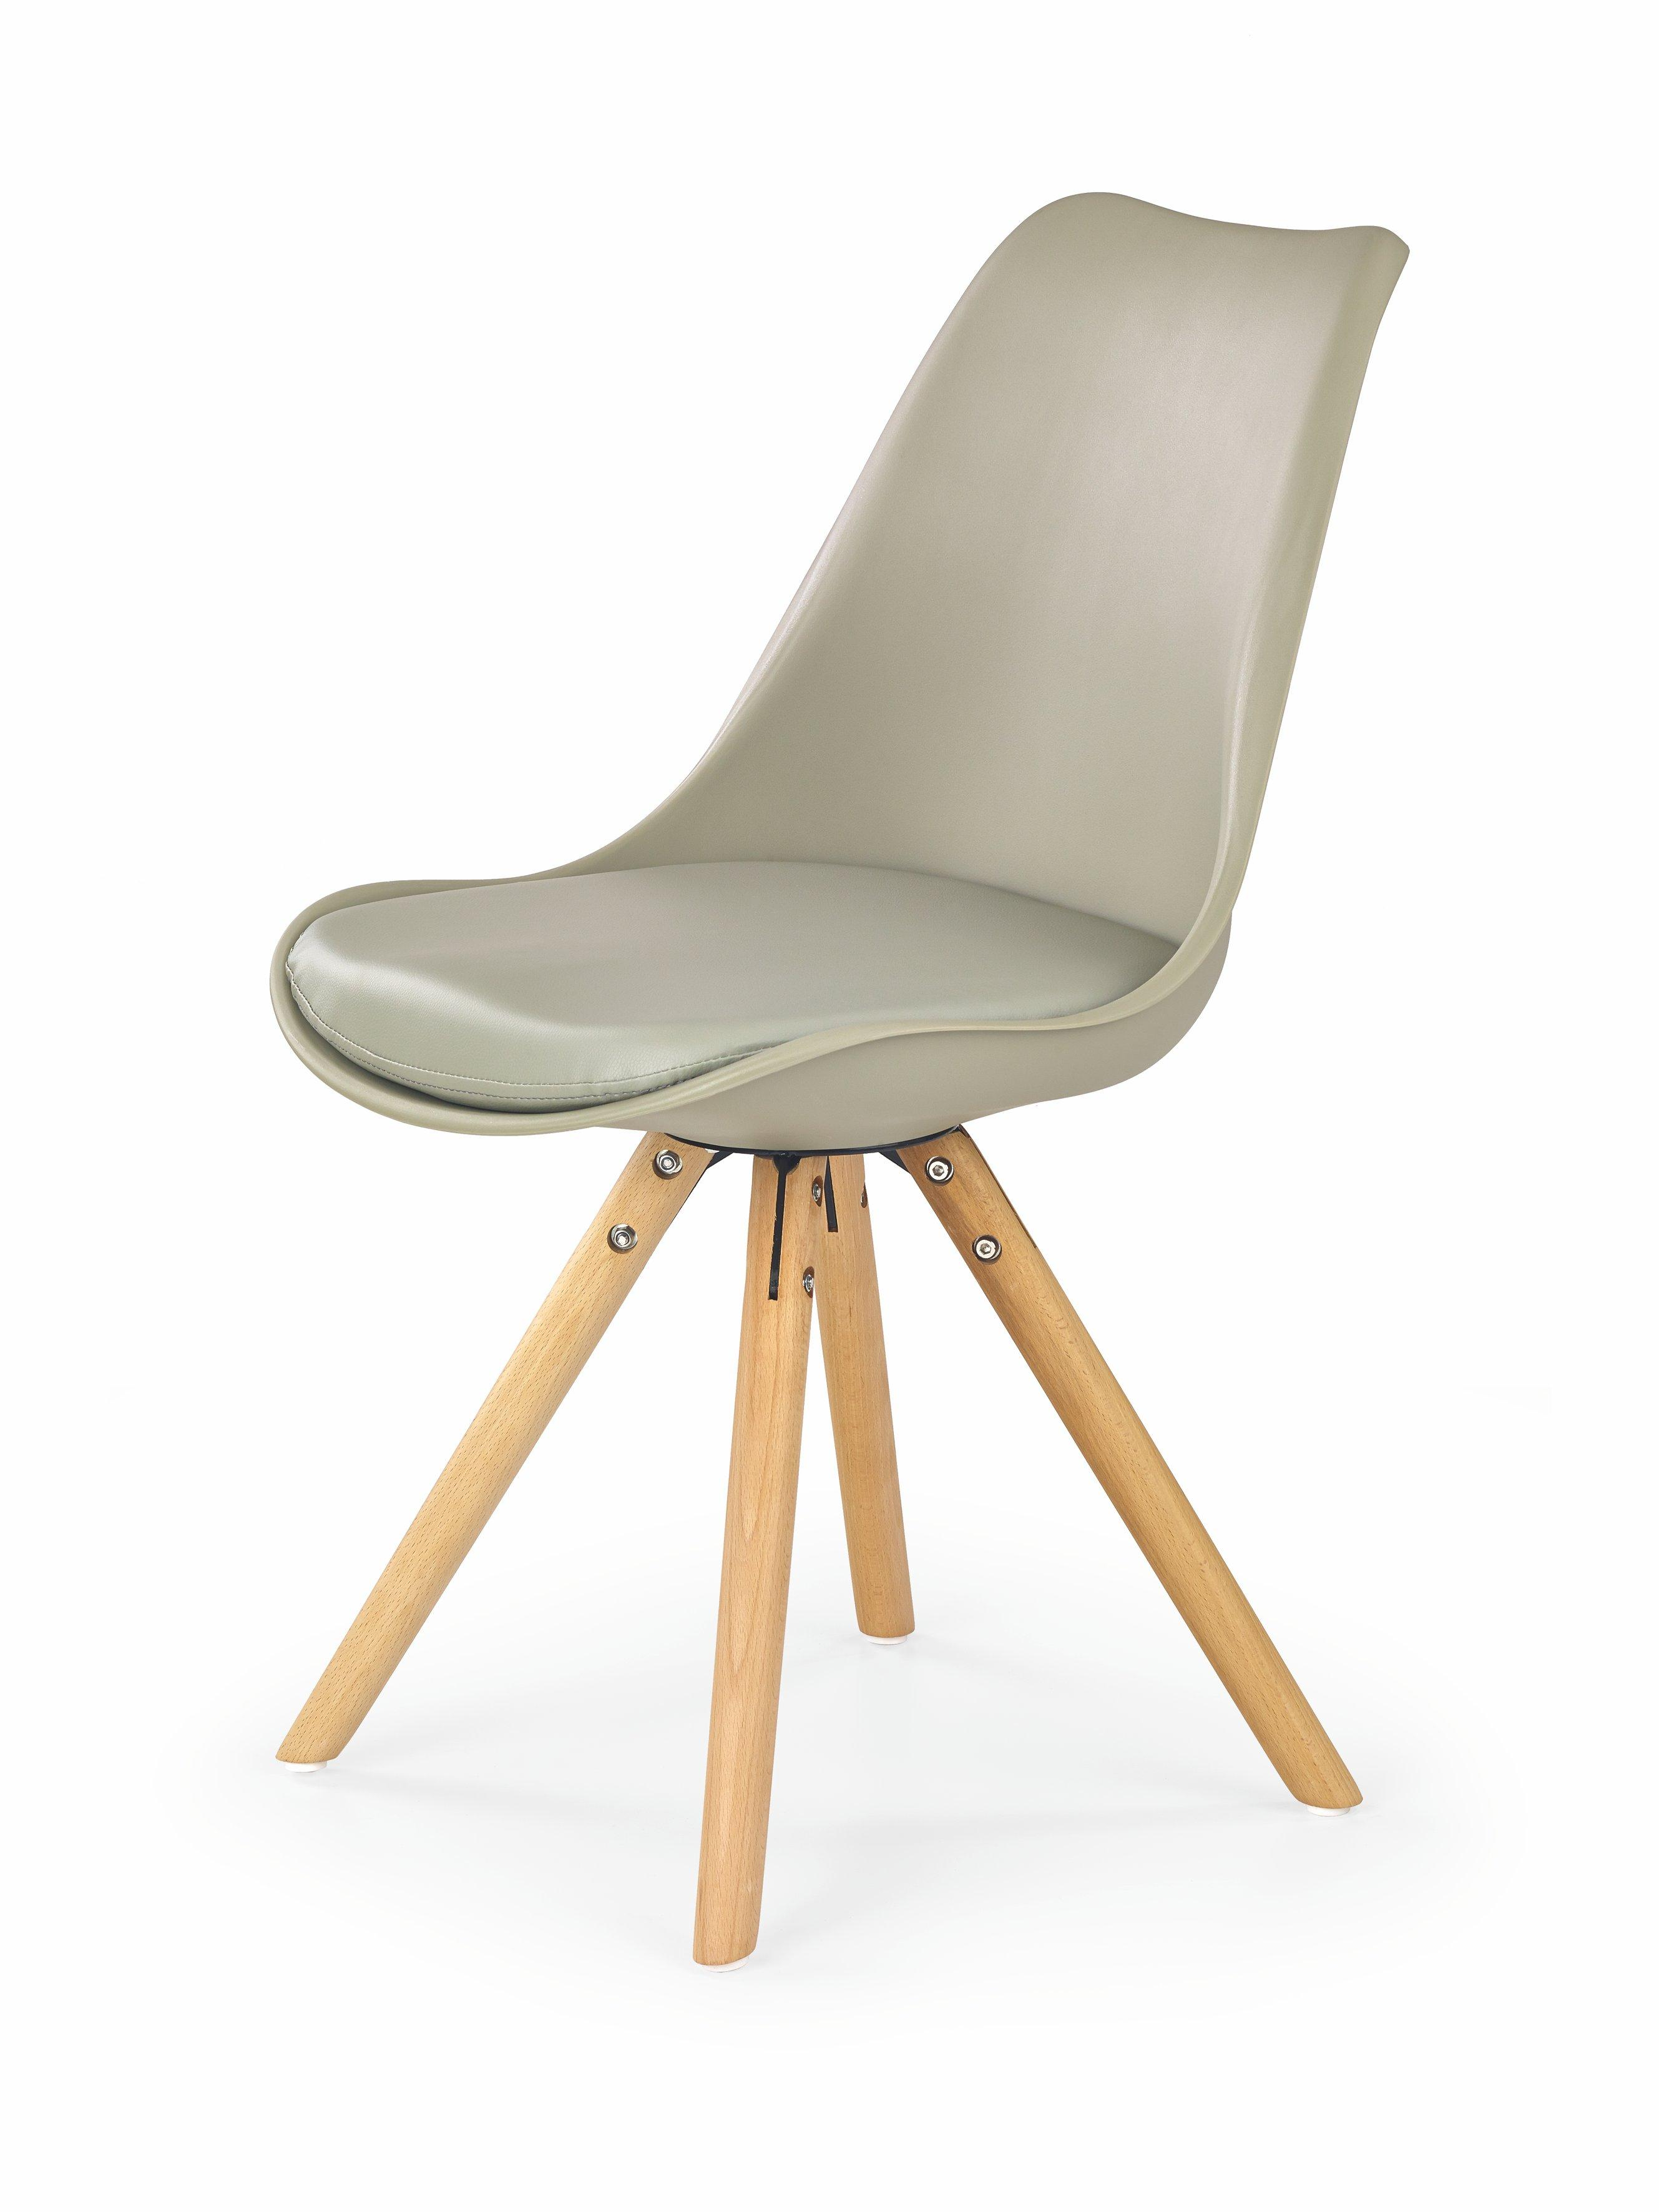 Jedálenská stolička - Halmar - K201 (khaki). Akcia -8%. Sme autorizovaný predajca Halmar.